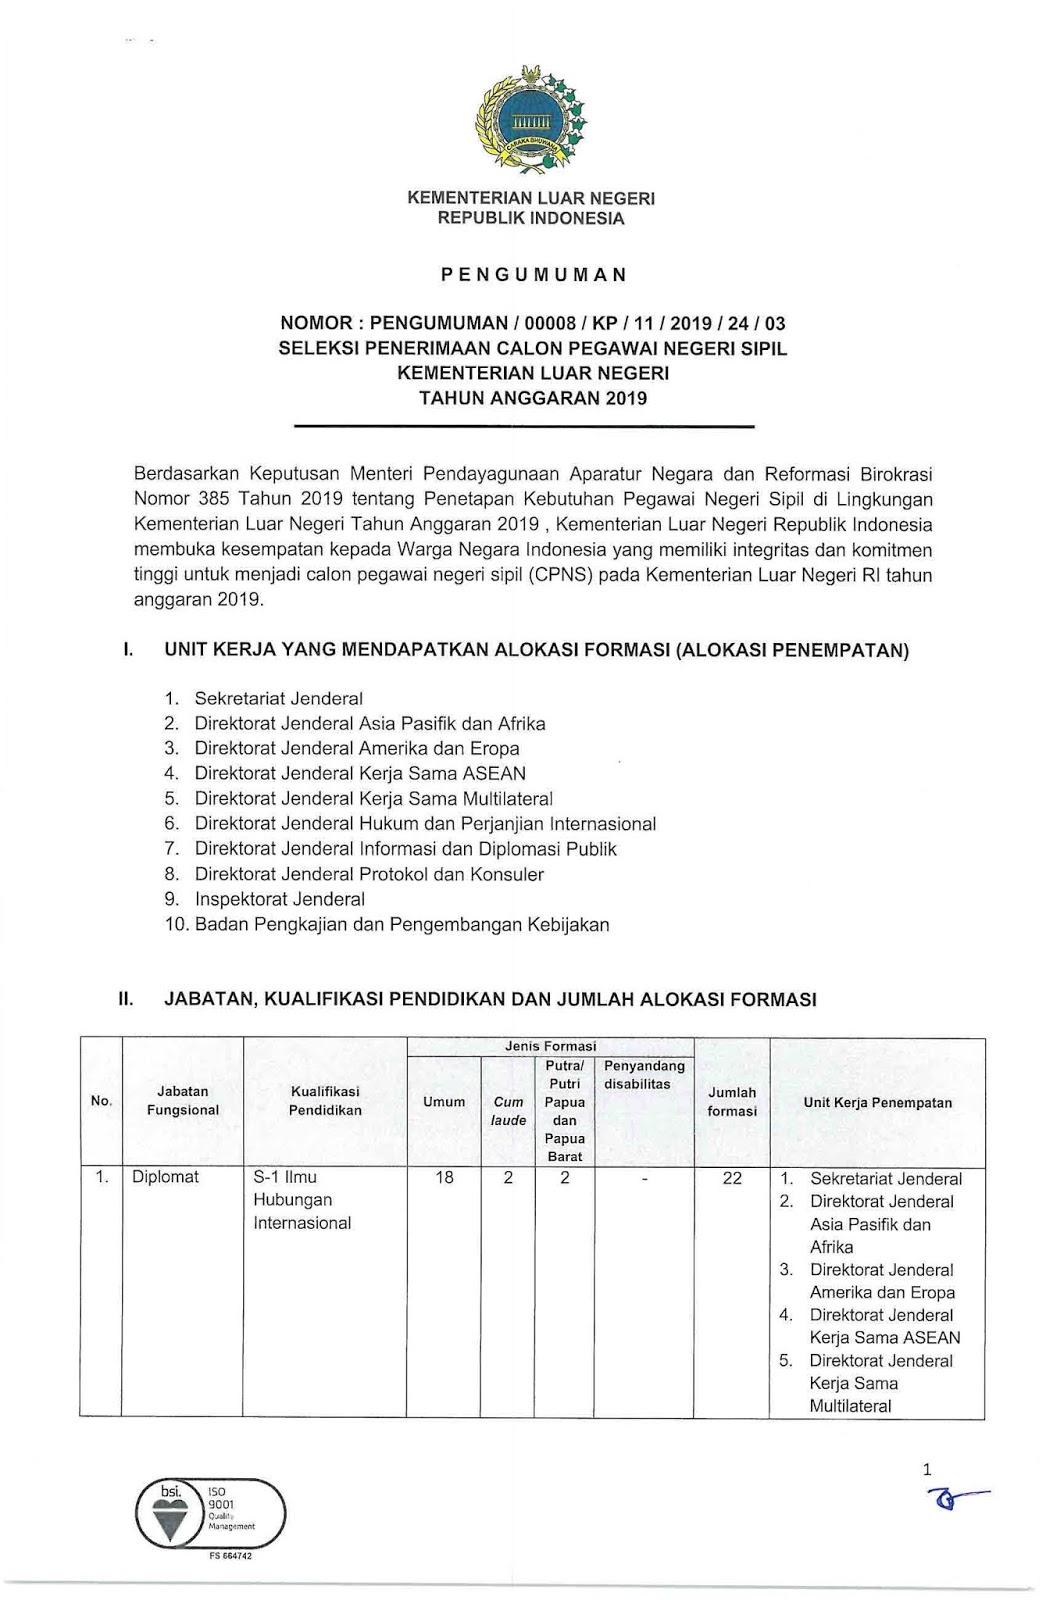 Rekrutmen CPNS Kementerian Luar Negeri Tahun Anggaran 2019 [132 Formasi]